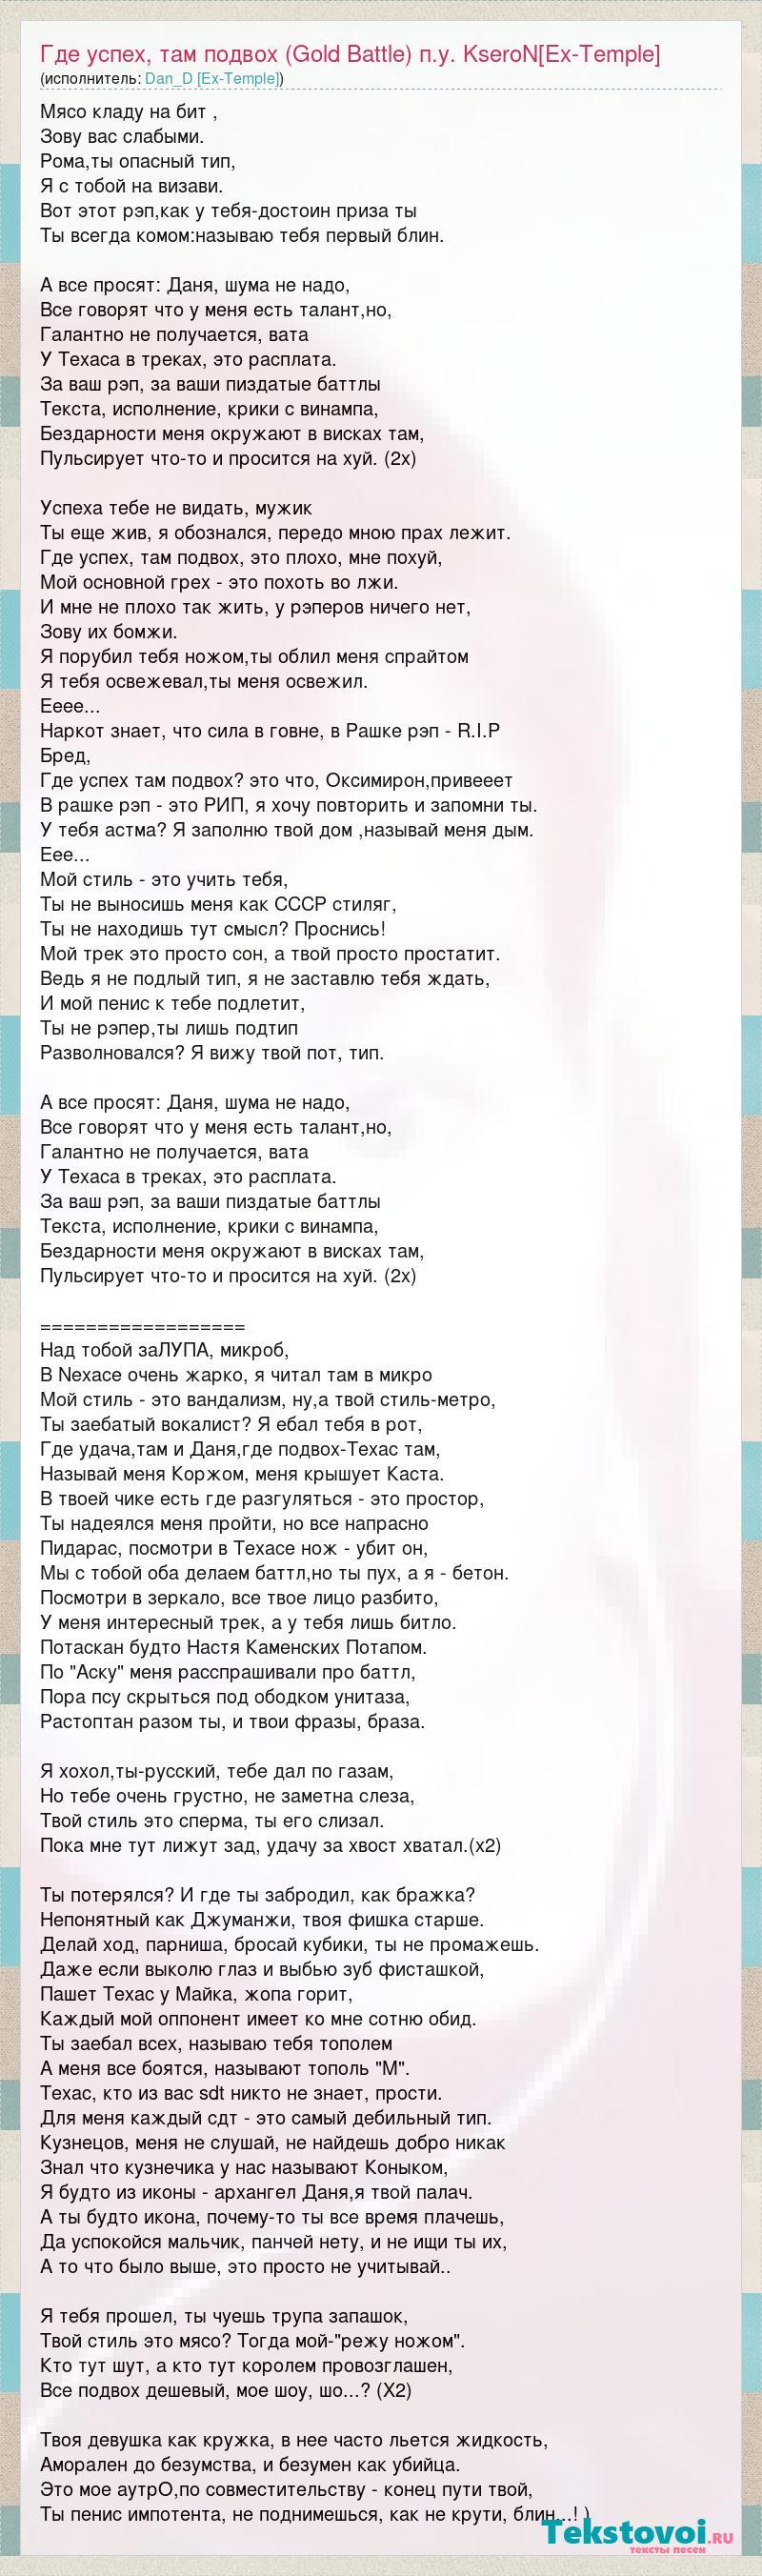 Пиздатый бит текст песен